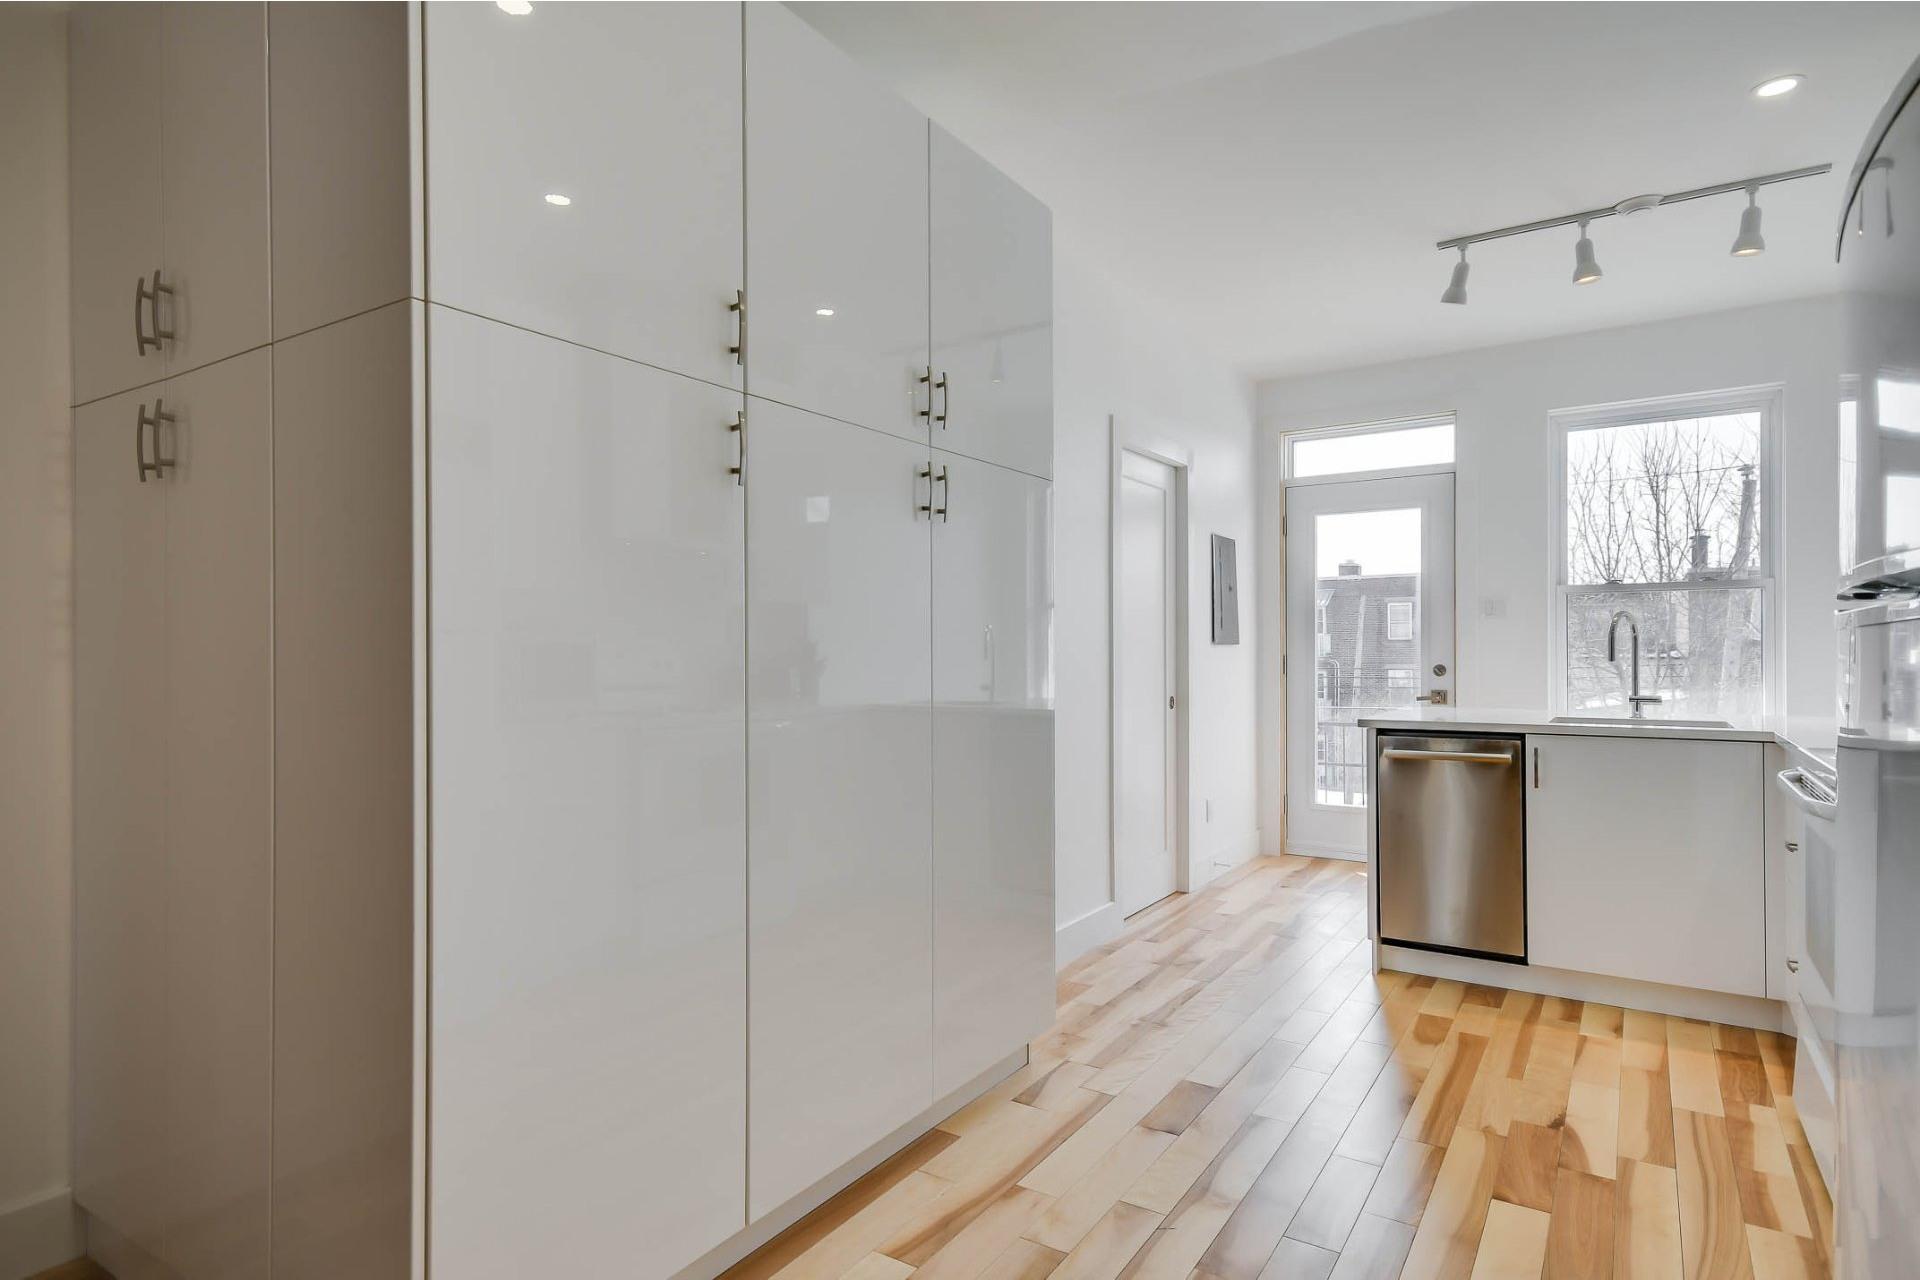 image 4 - Apartment For sale Rosemont/La Petite-Patrie Montréal  - 4 rooms